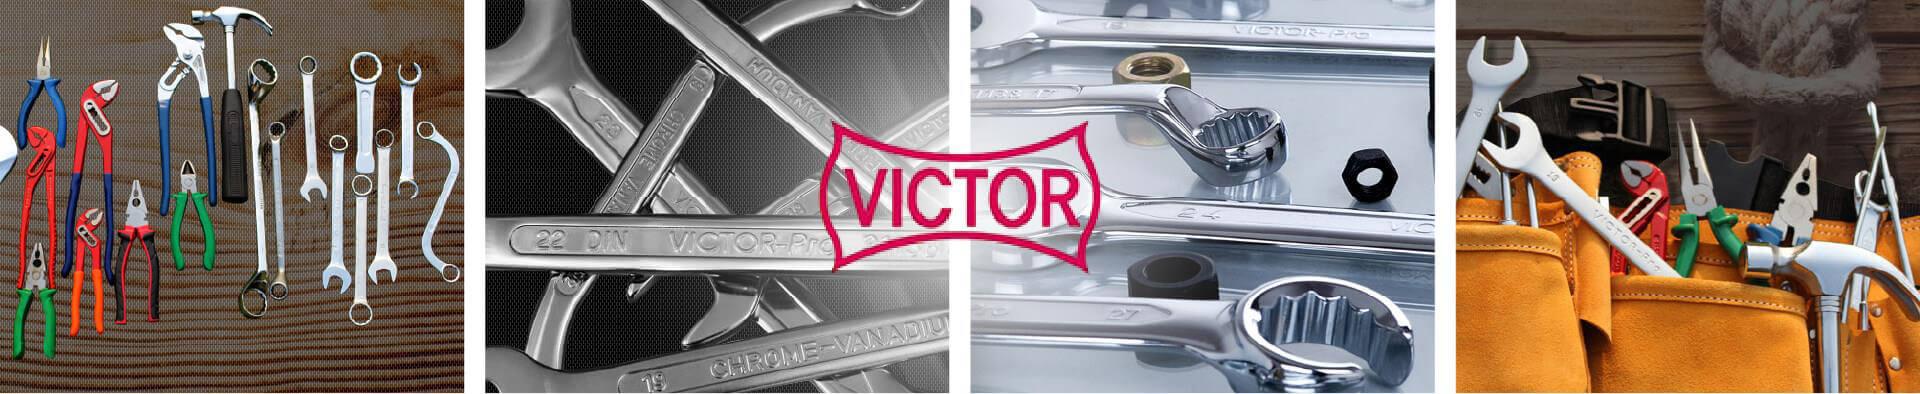 Thương Hiệu Victor - Tecostore